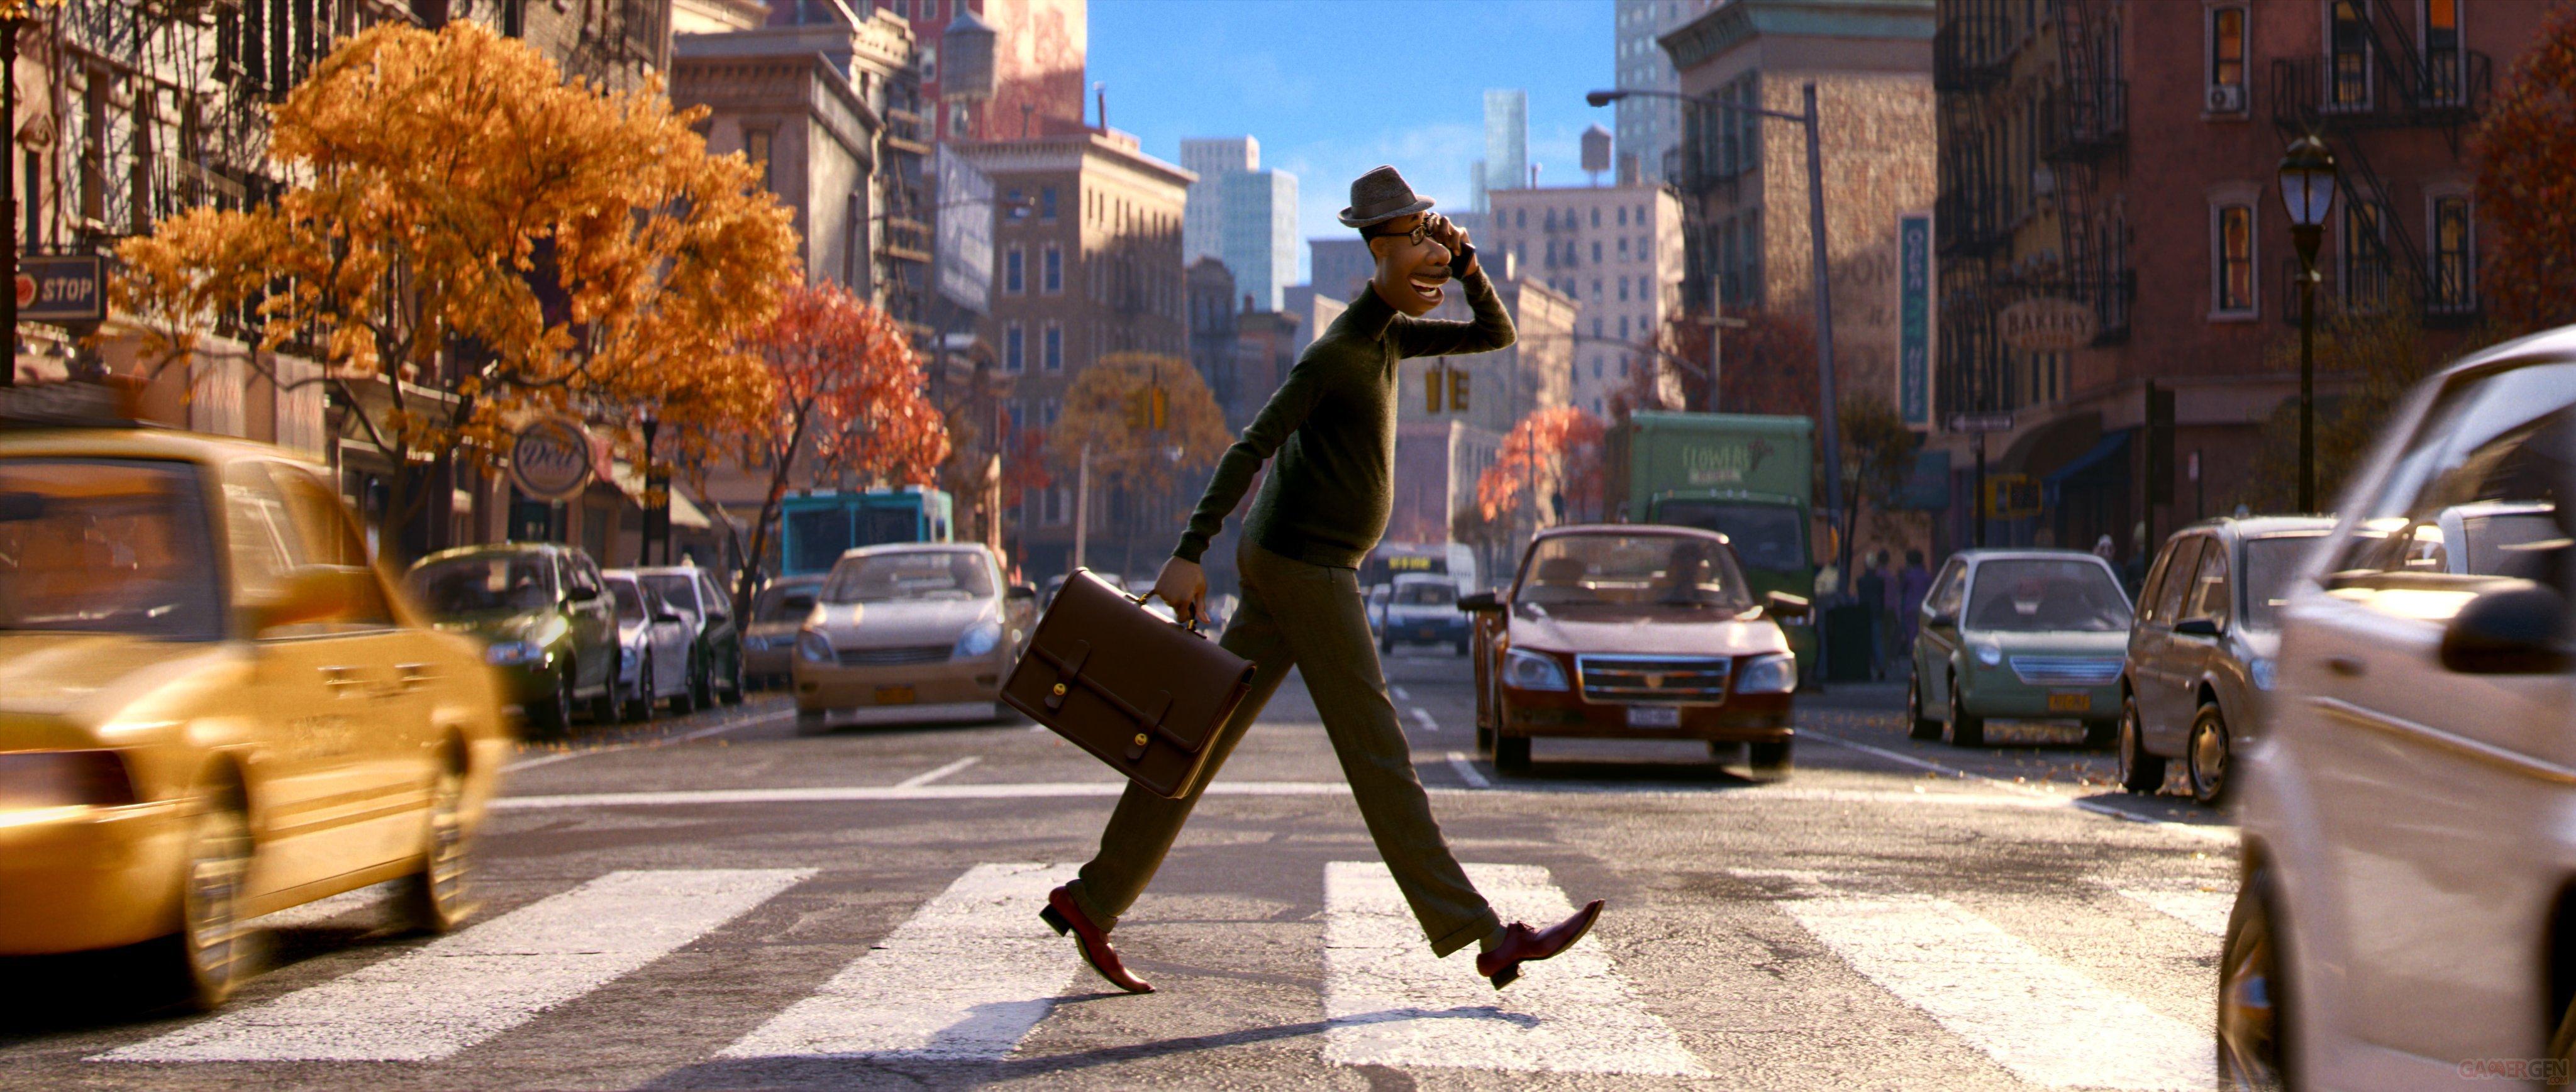 Soul : le prochain Pixar se dévoile dans une superbe nouvelle bande-annonce